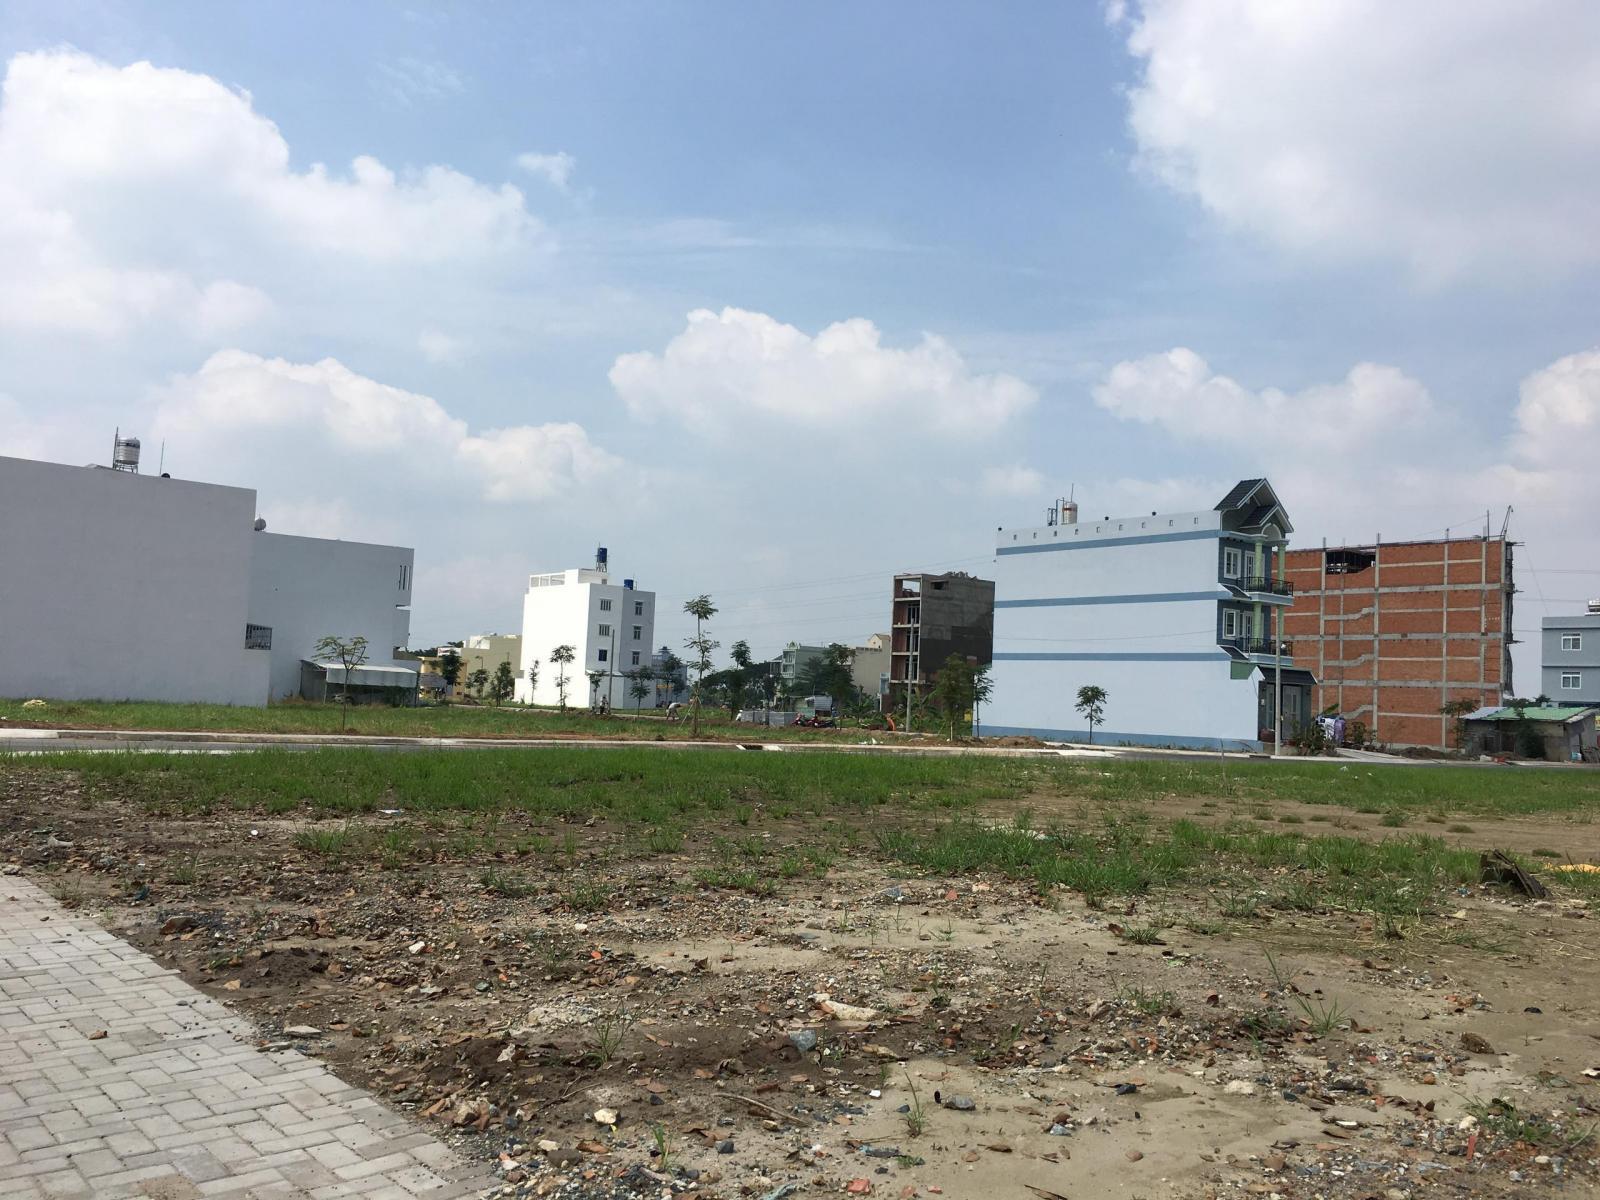 khu đất trống và ngôi nhà phía xa